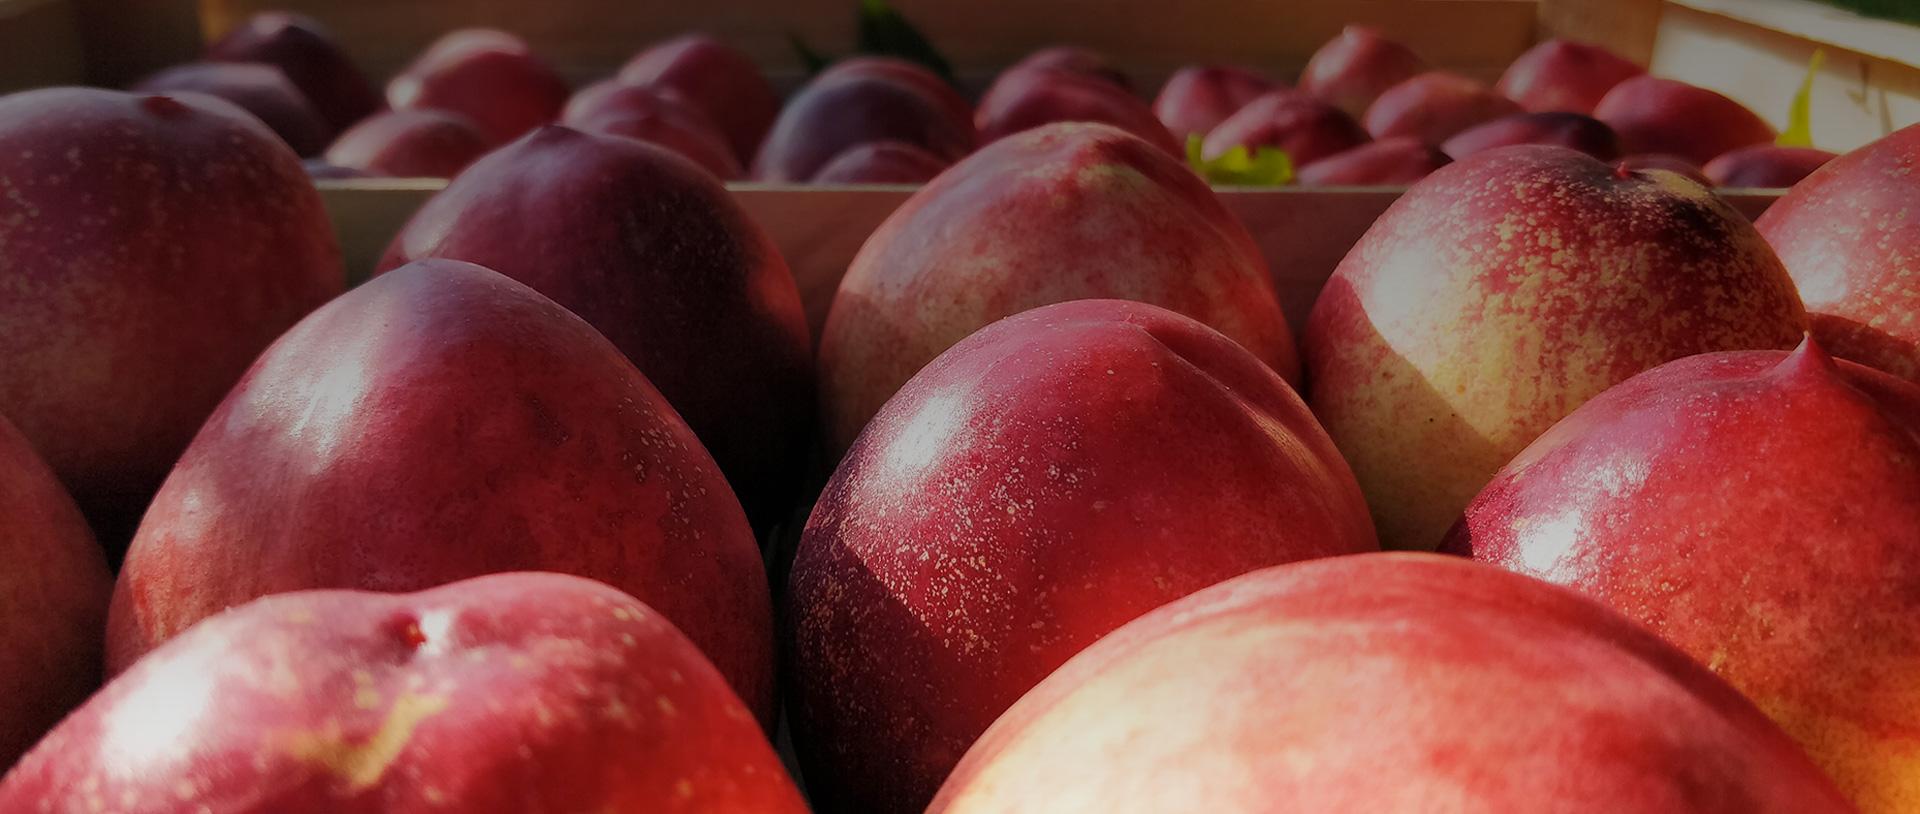 Vente directe de fruits et légumes Tarn et Garonne